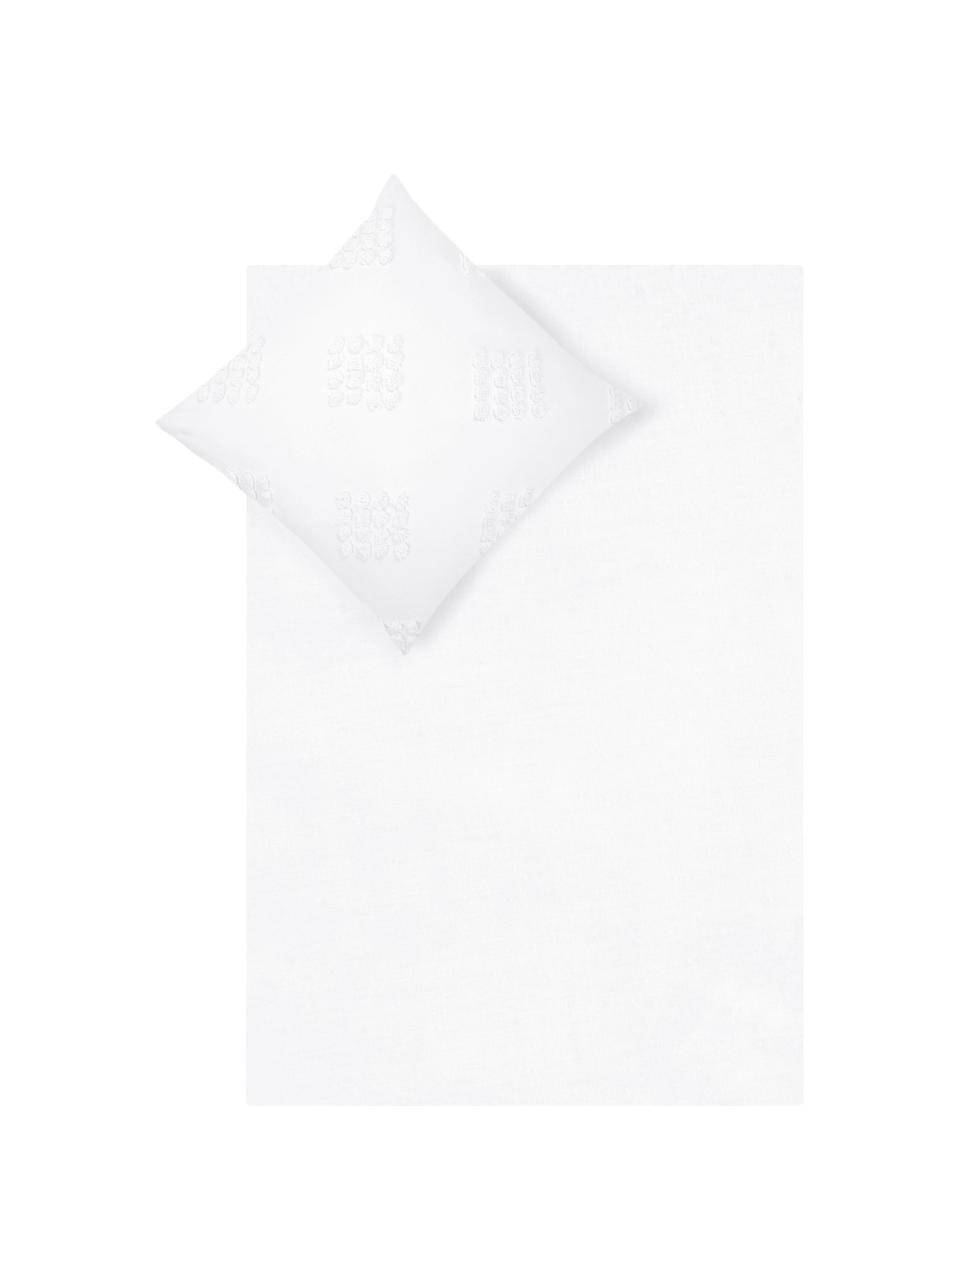 Baumwollperkal-Bettwäsche Fia mit getufteter Verzierung, Webart: Perkal Fadendichte 180 TC, Weiß, 135 x 200 cm + 1 Kissen 80 x 80 cm